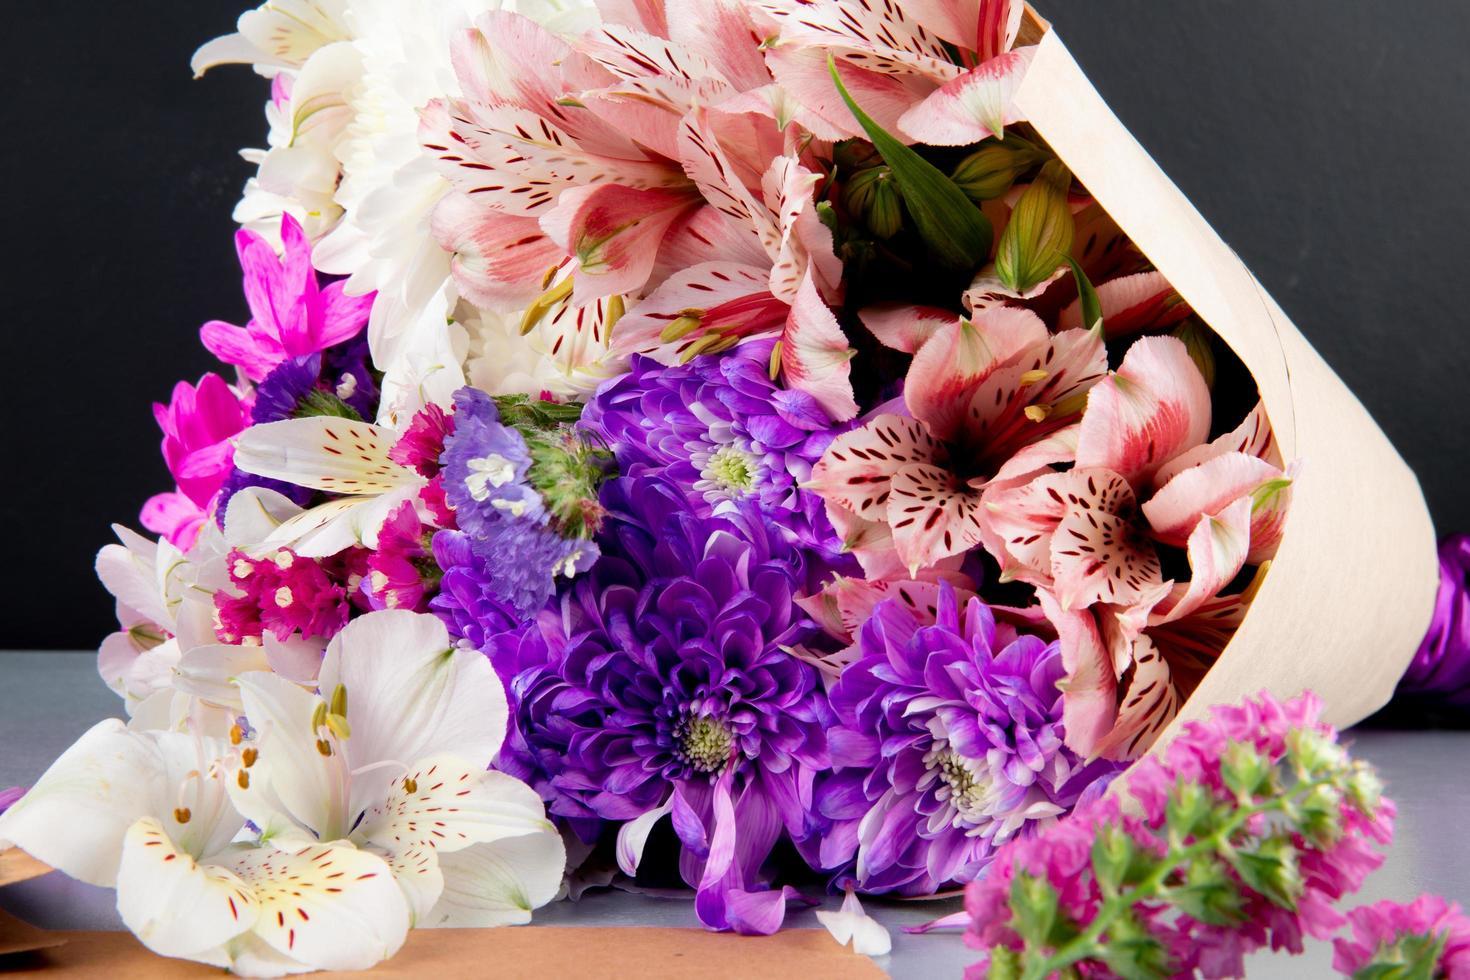 vue de dessus d'un bouquet de fleurs photo